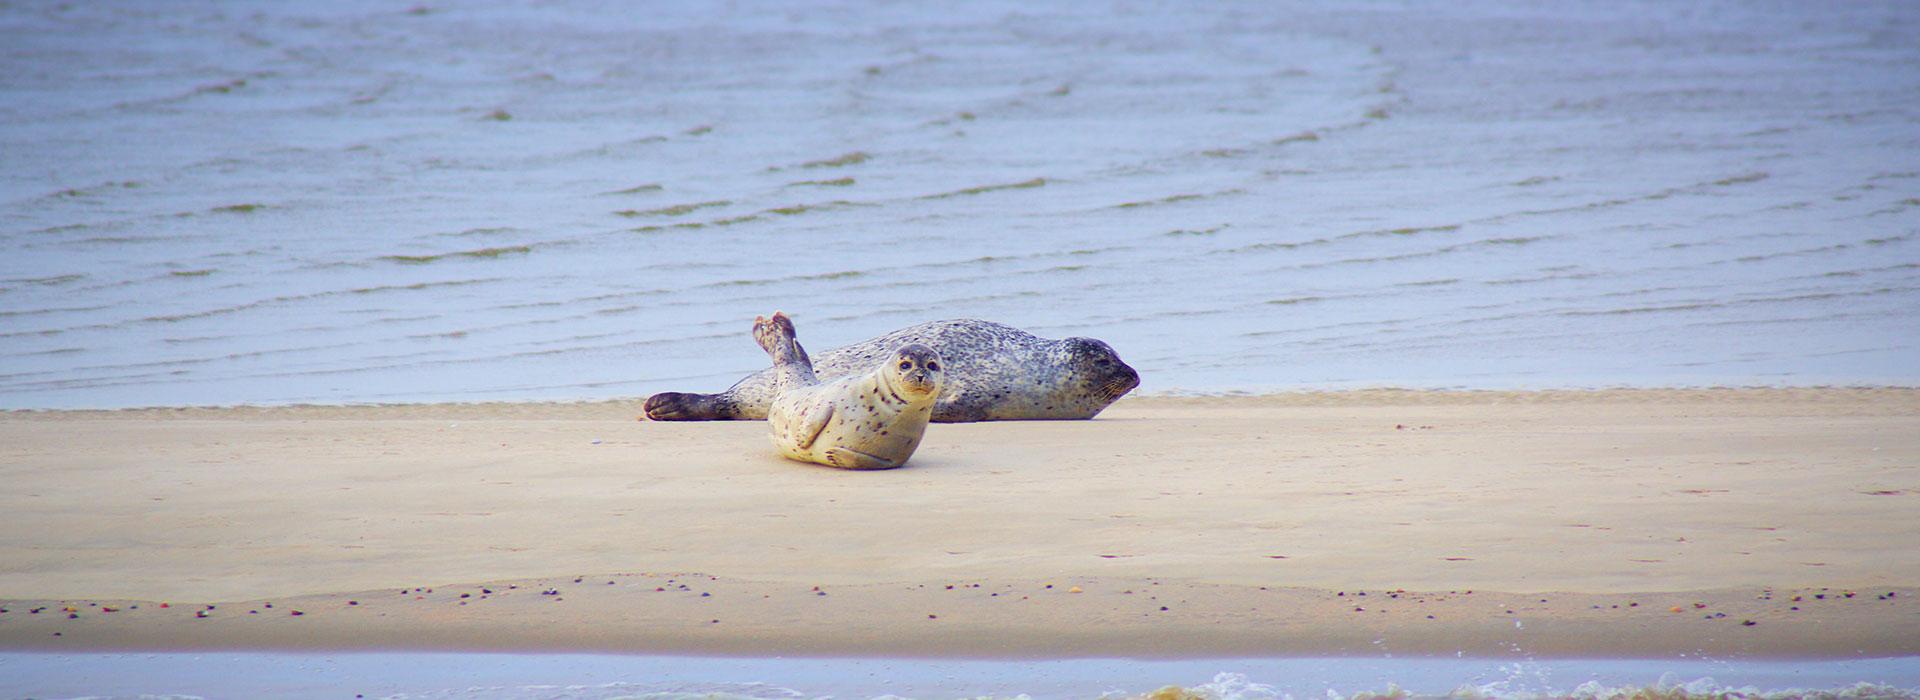 Ameland-bezoeken-vakantie-in-Friesland-Ljeppershiem-vakantiepark-zeehonden